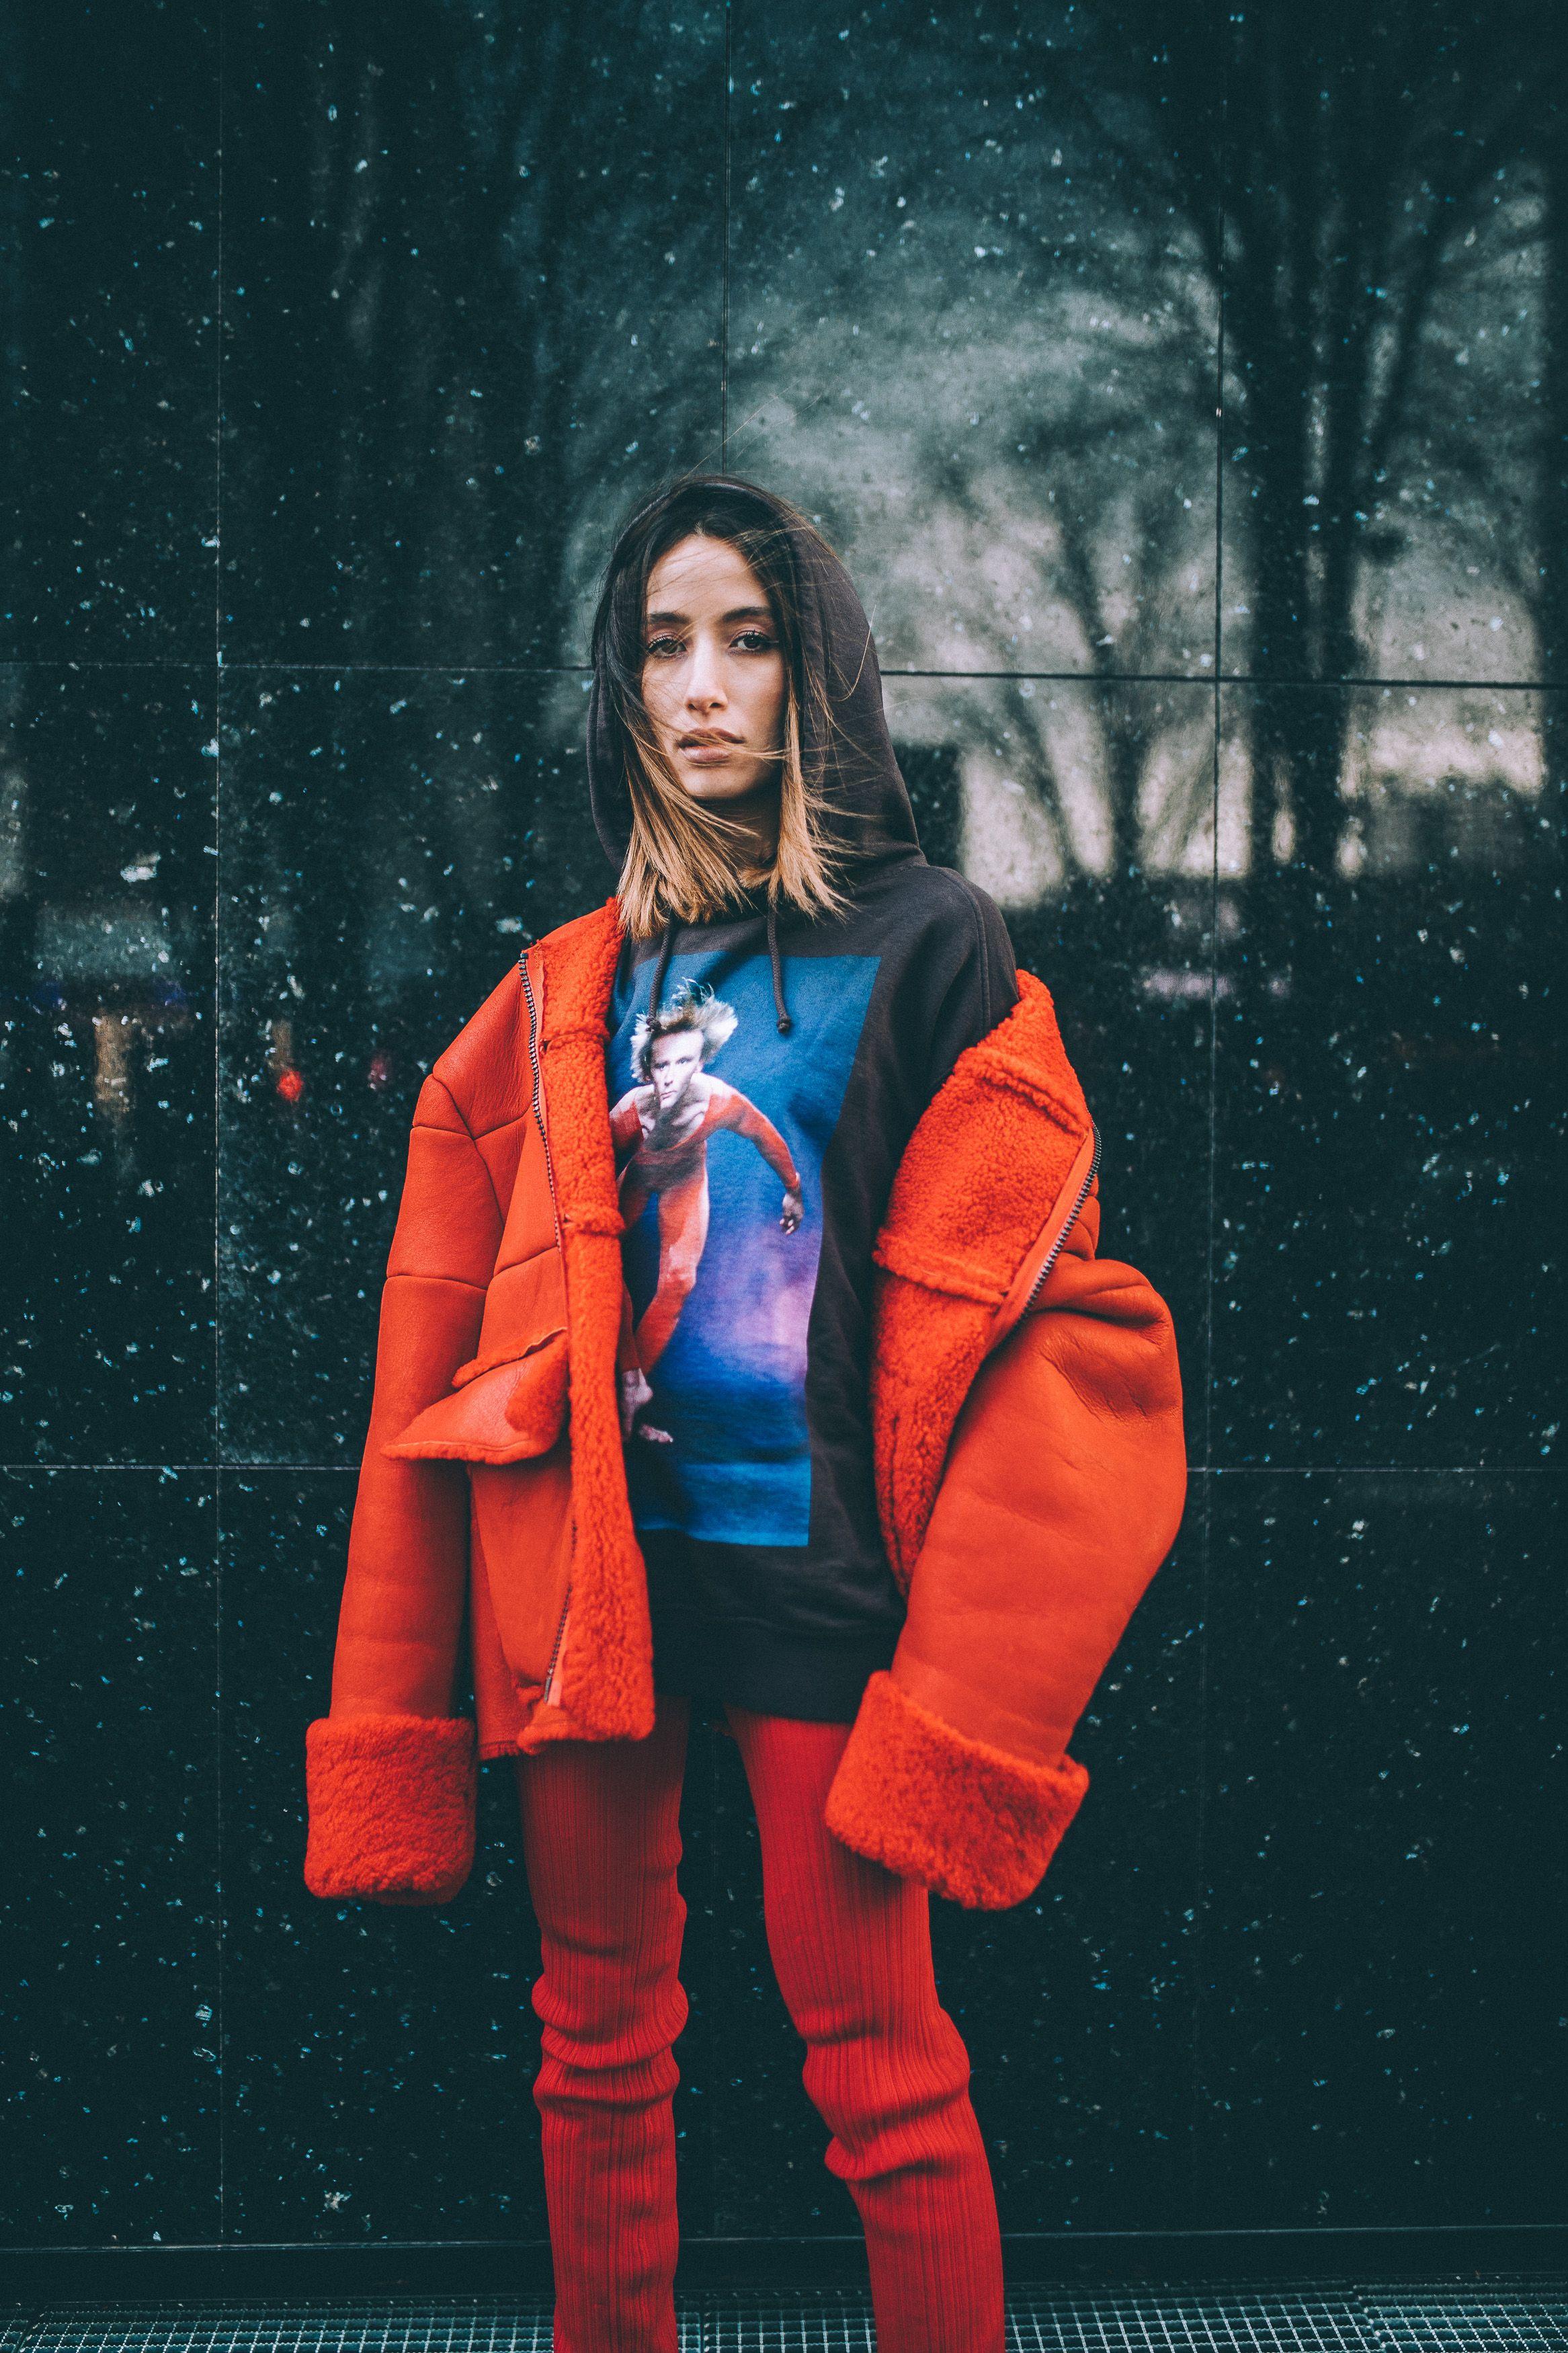 340f8d69400 Pin by Erika Reyna on Fashionnnnn!!! in 2019   Fashion, Winter ...